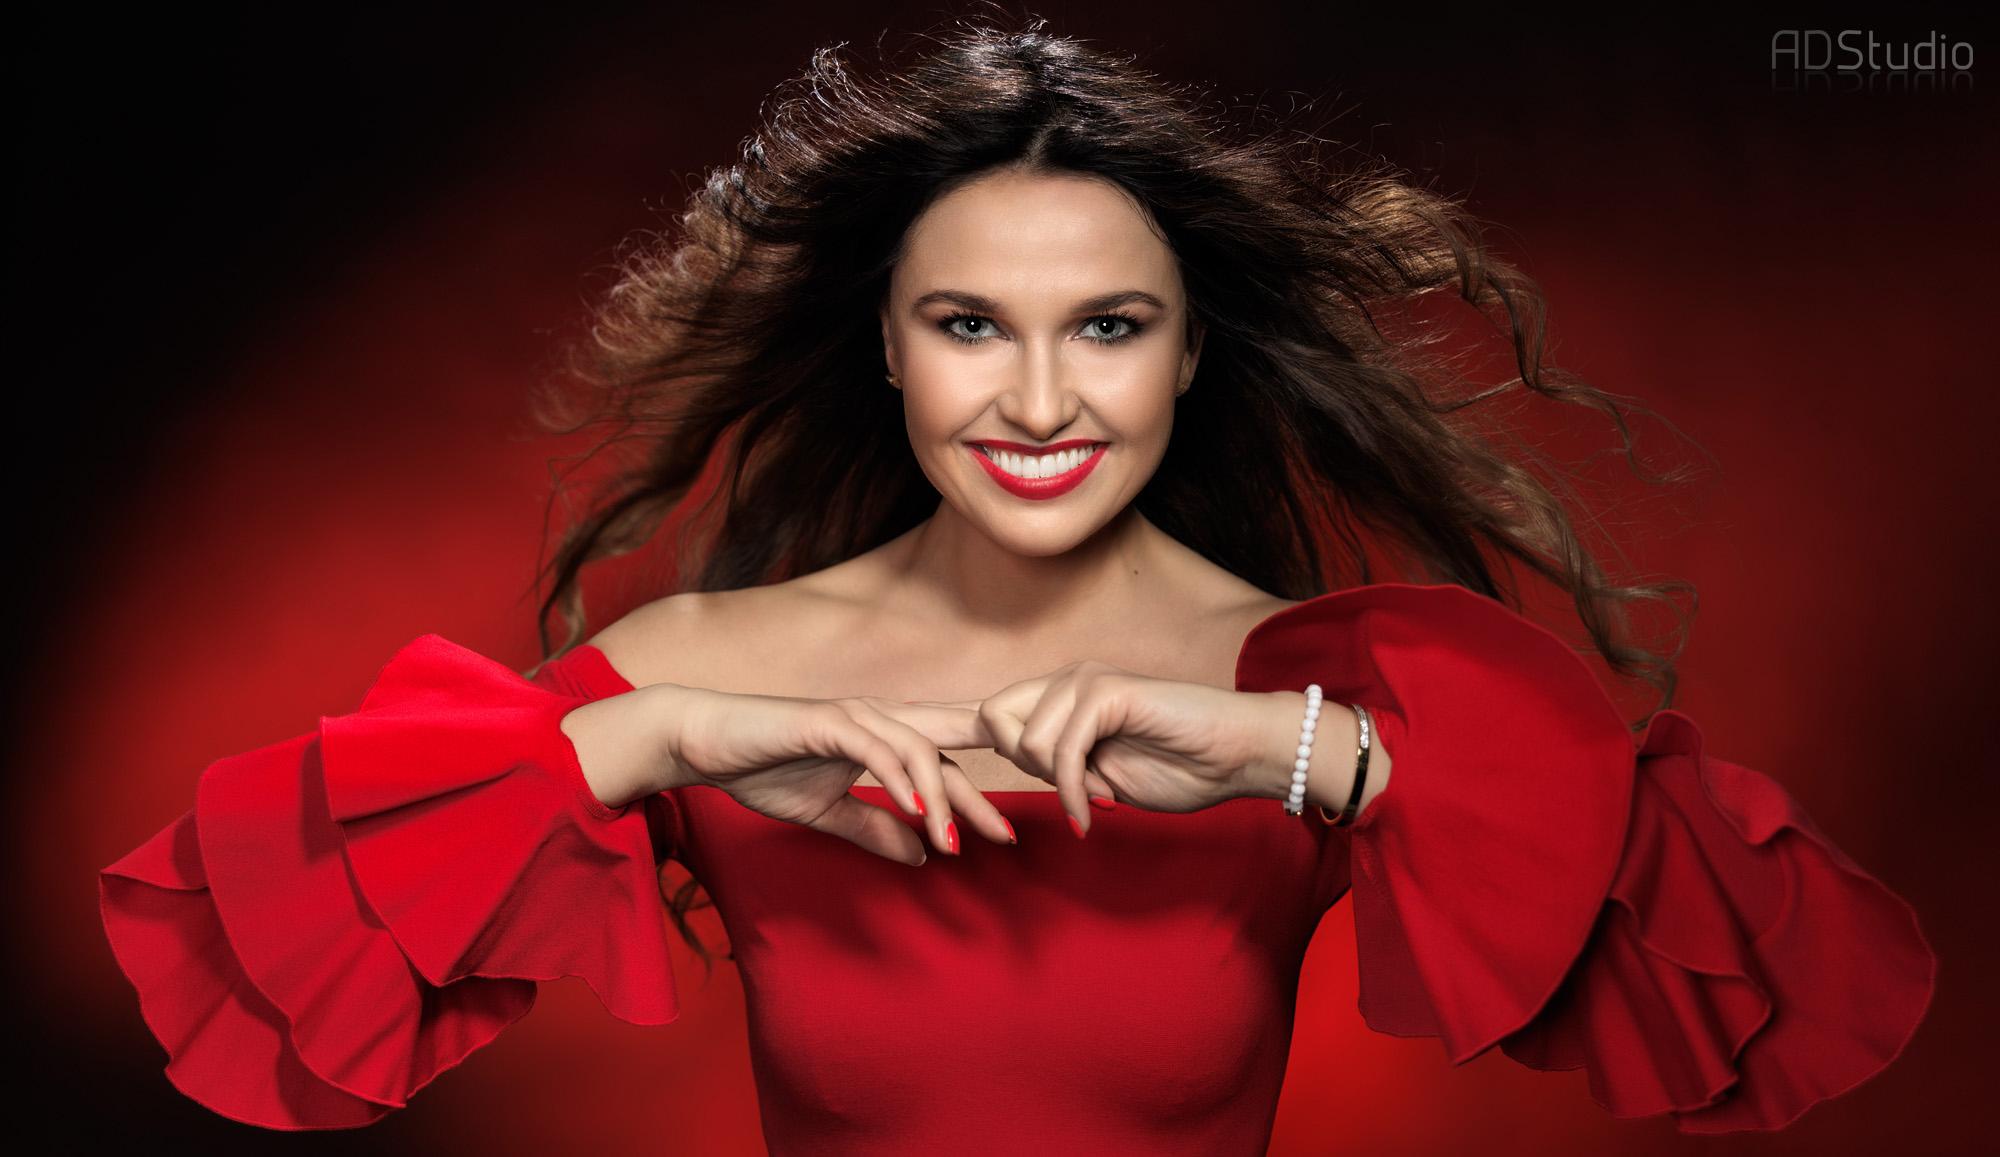 fotografia kobiety w czerwonej sukience